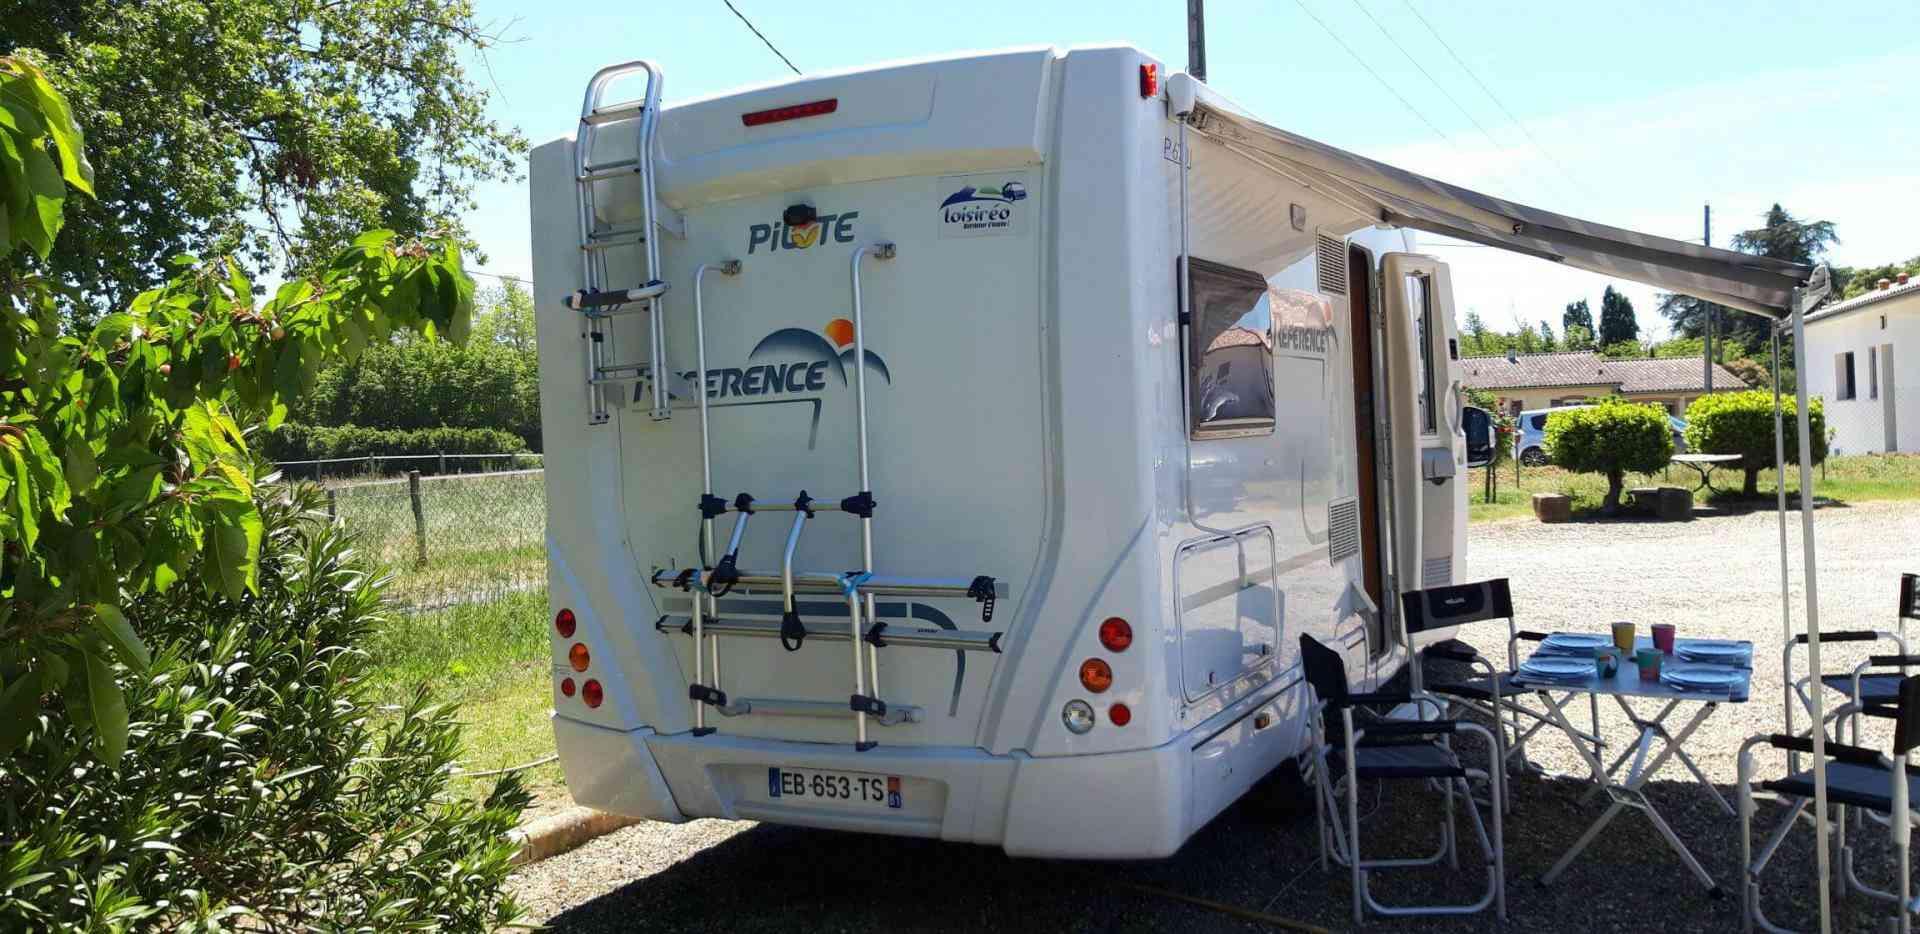 camping-car PILOTE P 670